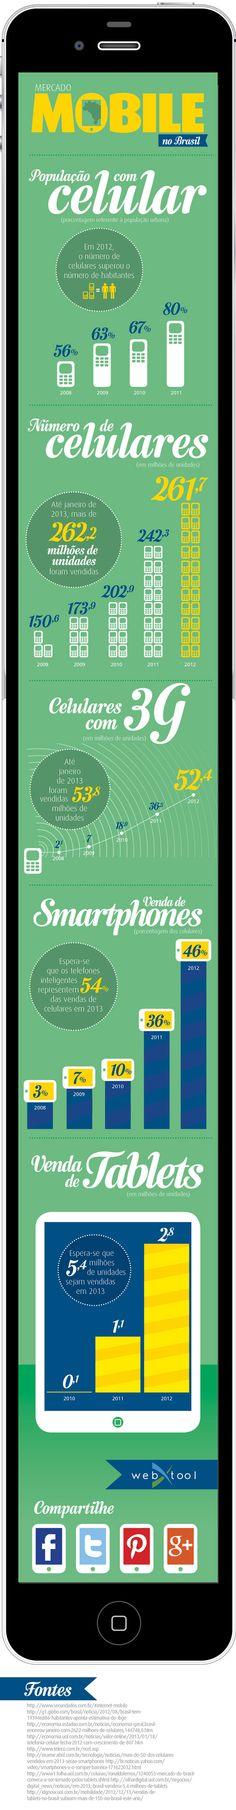 O crescimento do mercado mobile no Brasil – infográfico | TECH – tecnologia, internet, redes sociais - http://www.techenet.com/2013/05/o-crescimento-do-mercado-mobile-no-brasil-infografico/